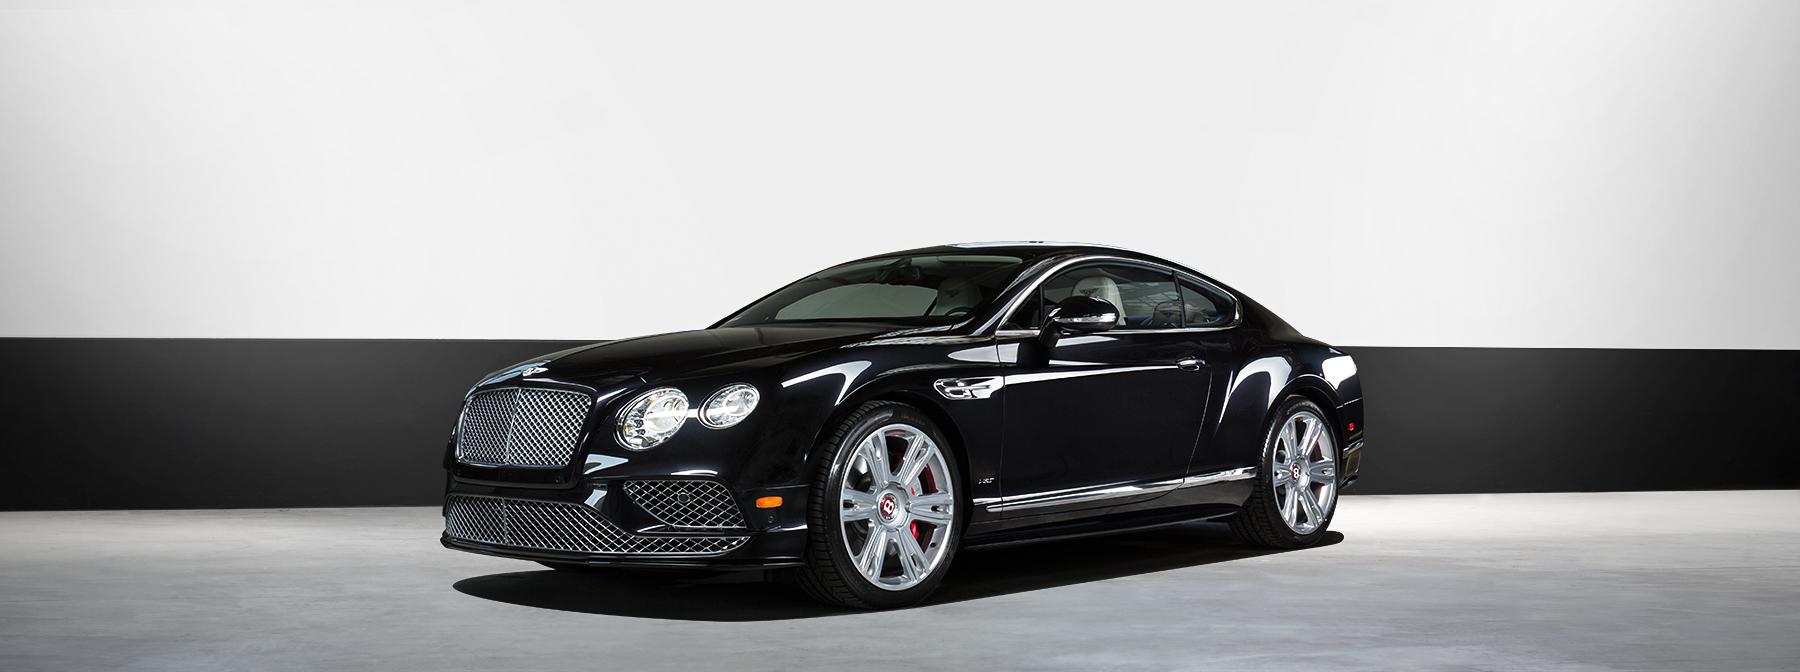 Cheap Luxury Car Rental In Los Angeles B W Car Rental